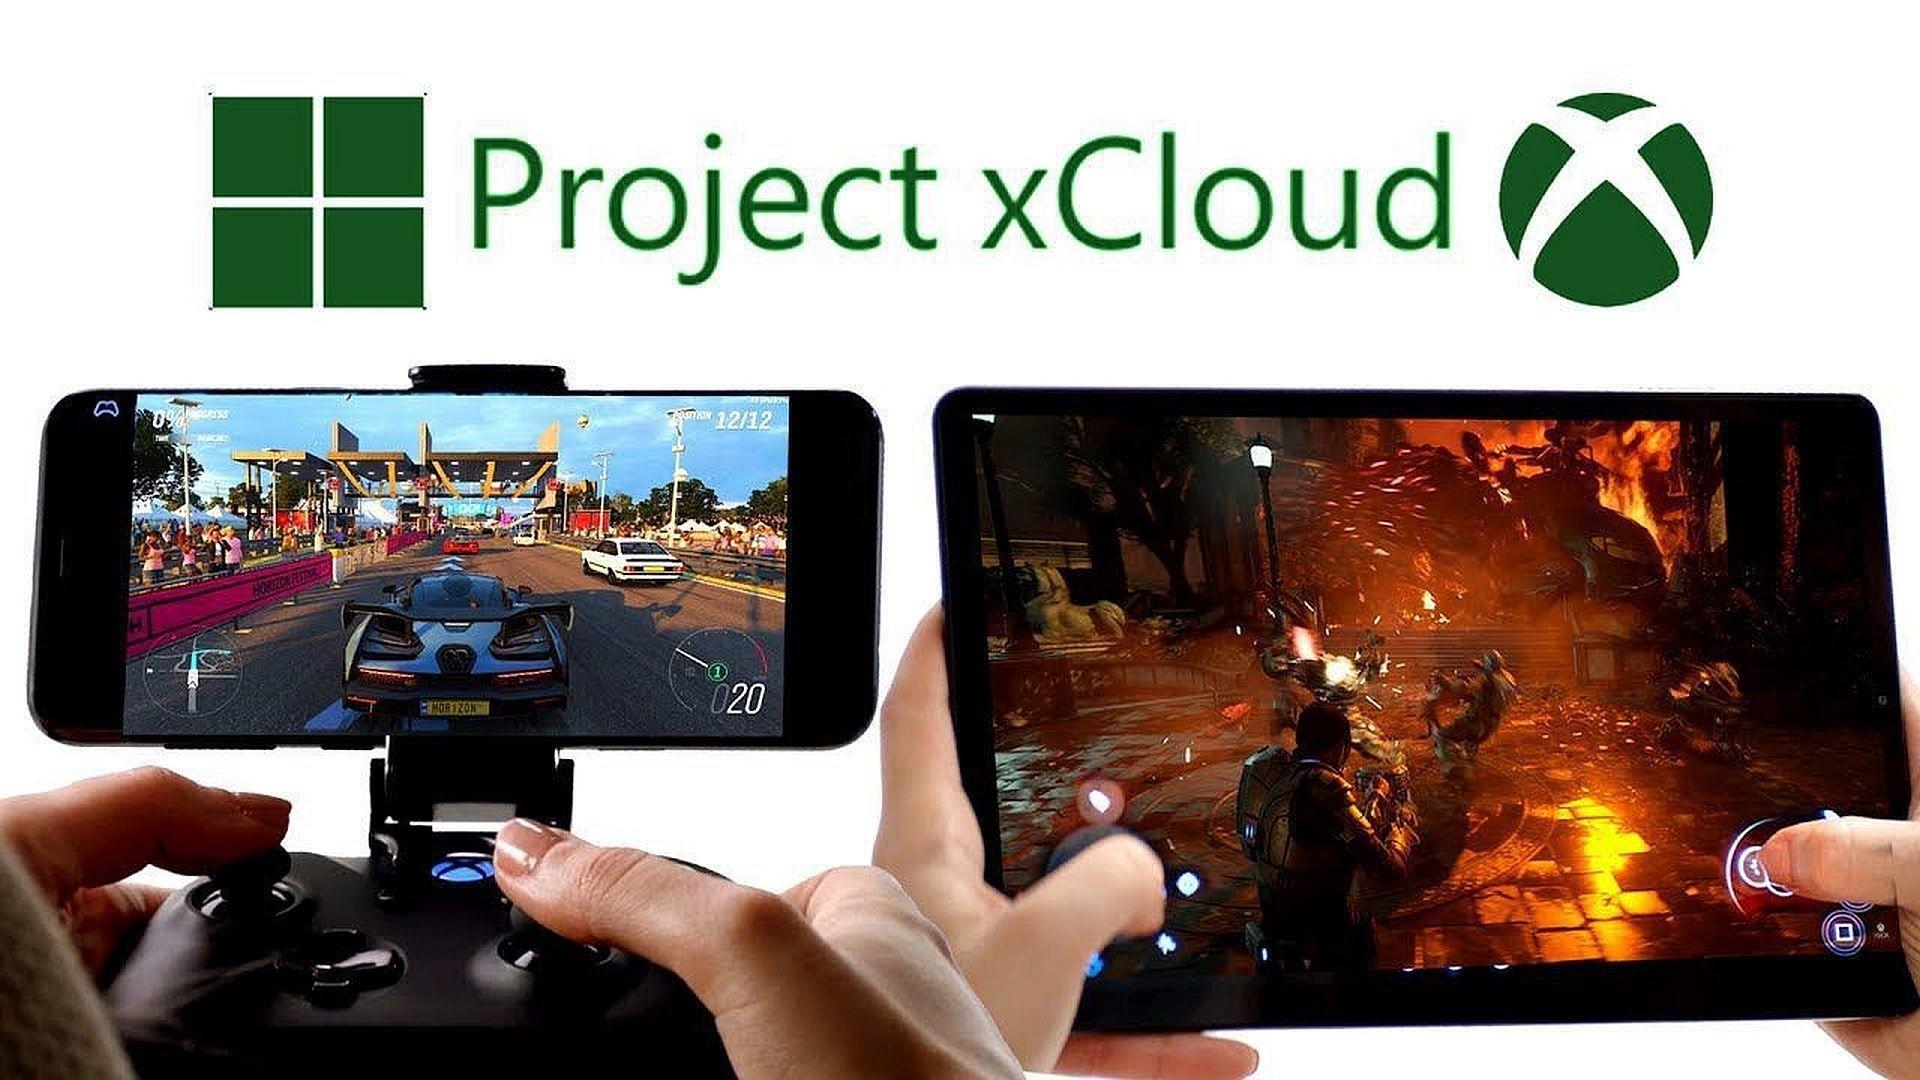 الكشف عن الدول التي ستحصل على خدمة Project xCloud أولا